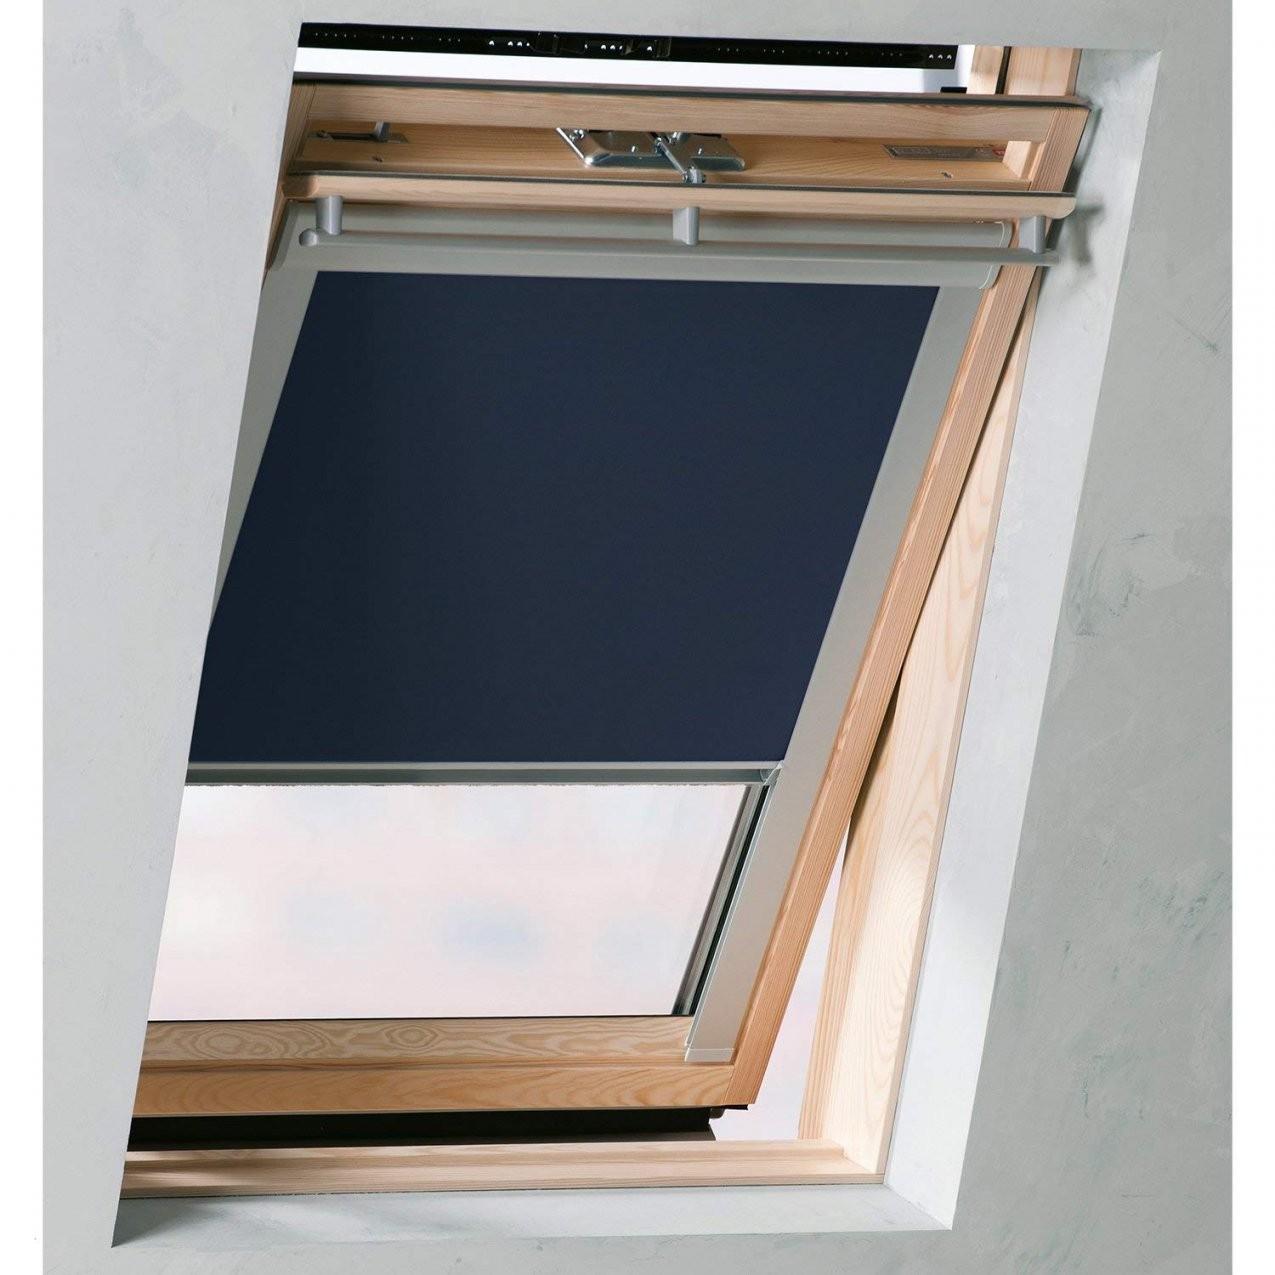 Inspirierend Velux Rollo Alternative  Lapetitemaisonnyc von Rollos Velux Fenster Bild